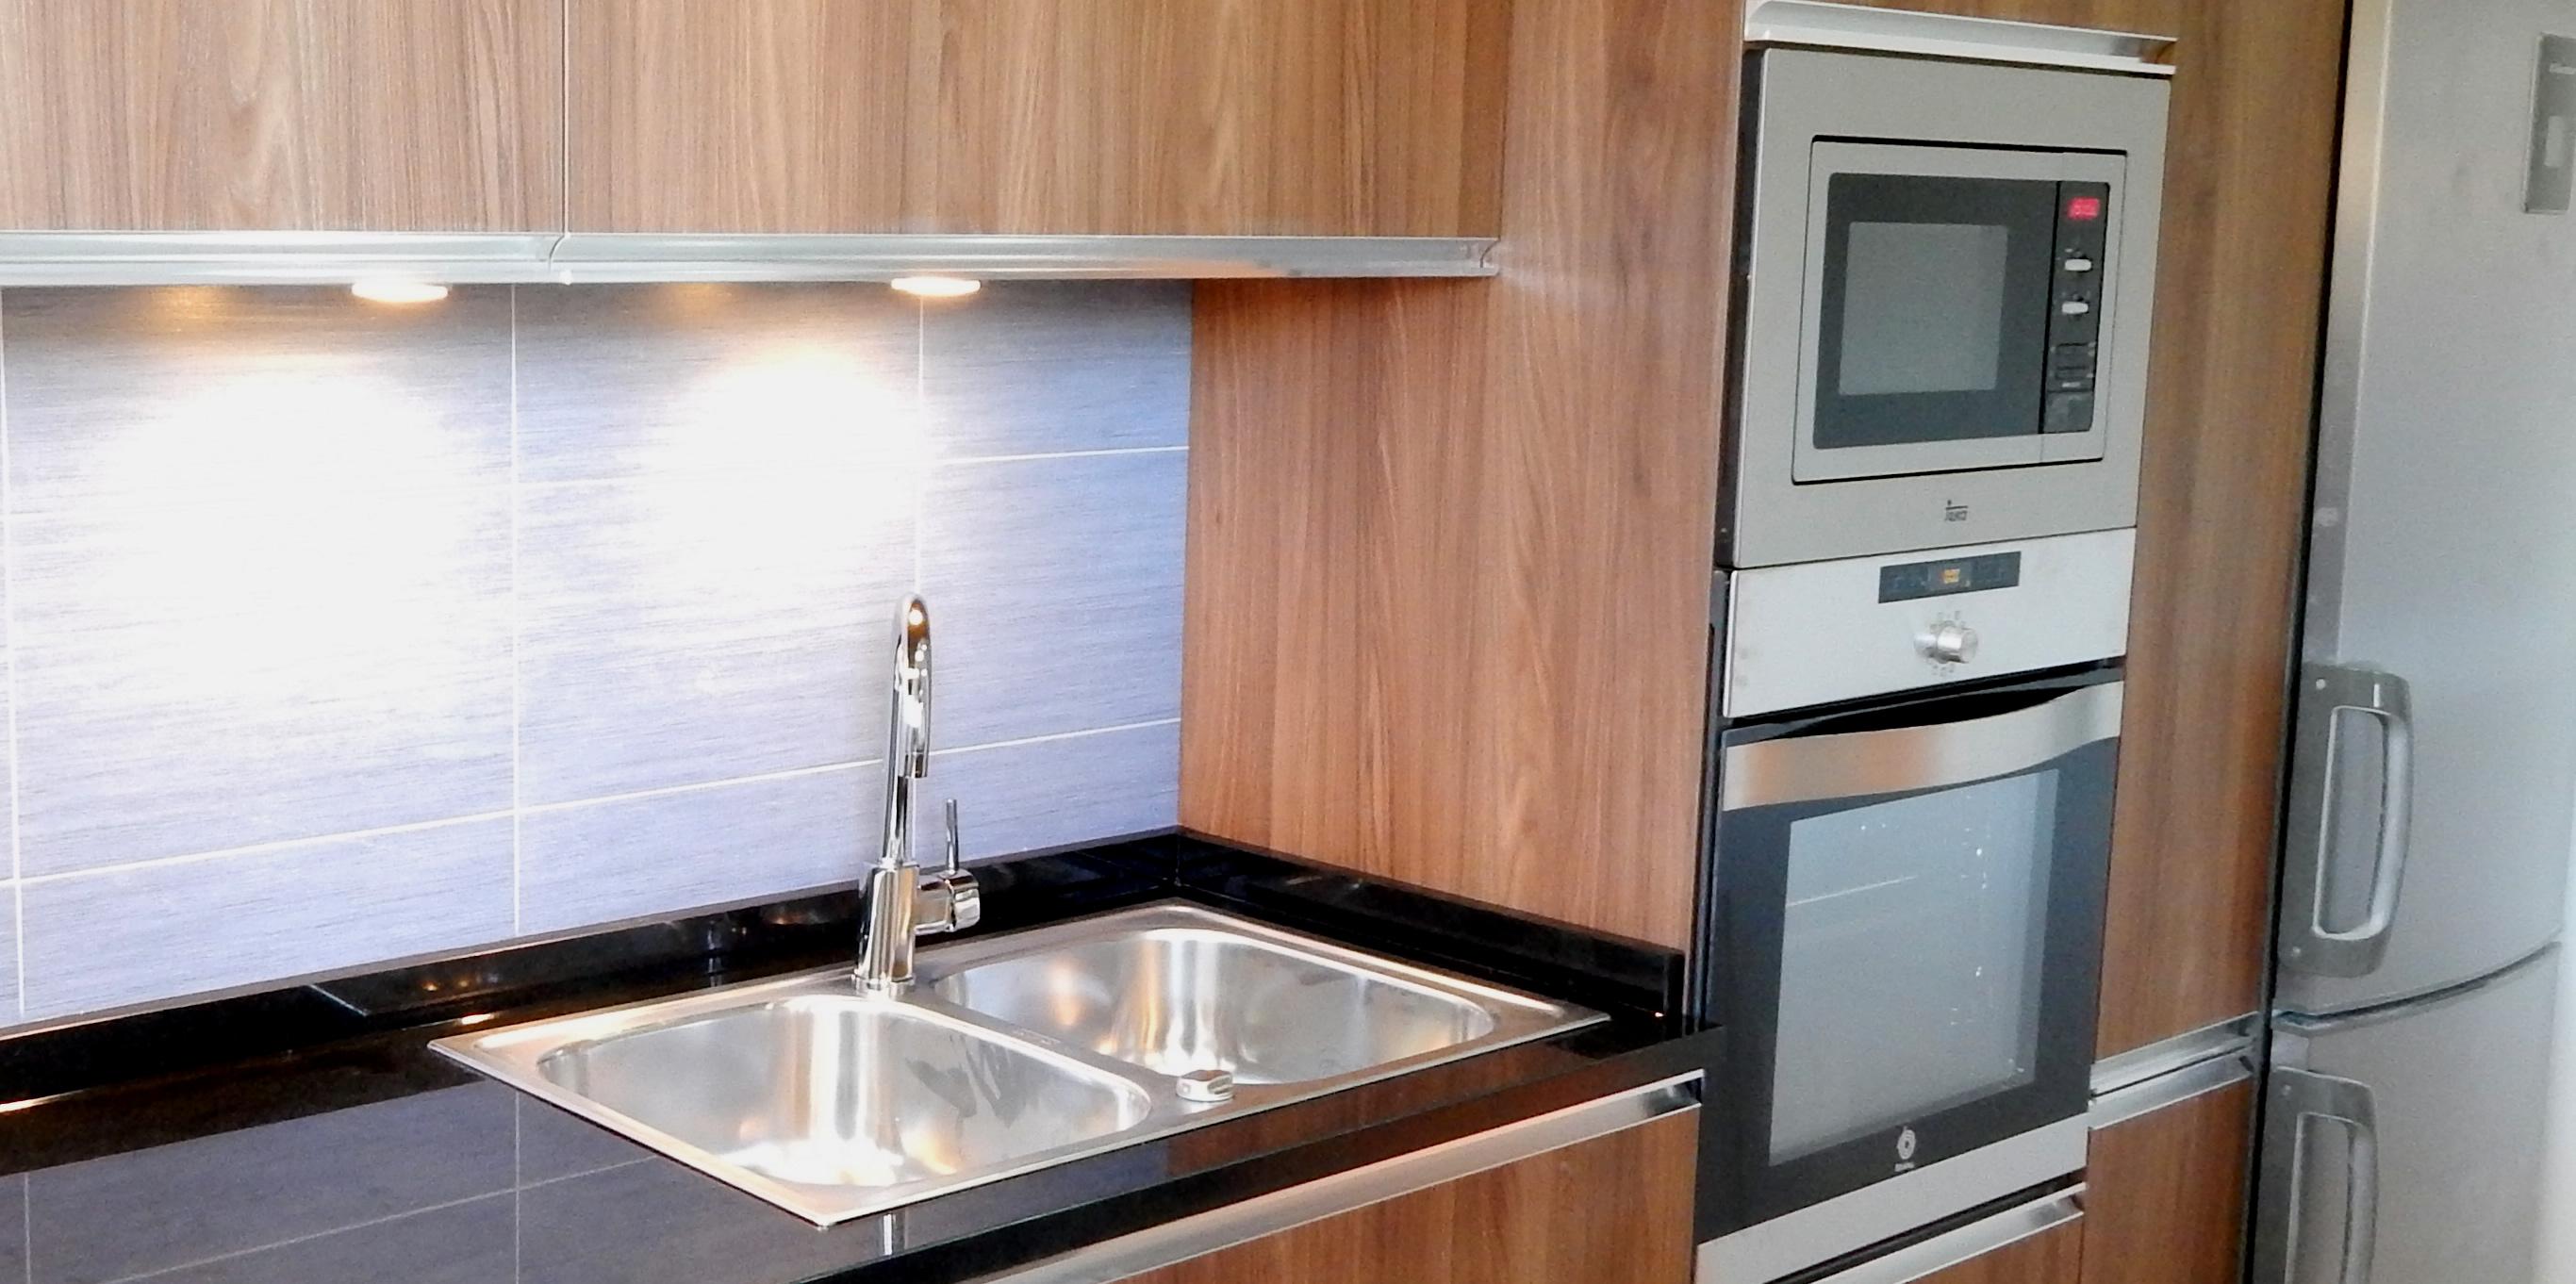 Colores Muebles Cocina Muebles Cocina Leroy Merlin Basic Usados